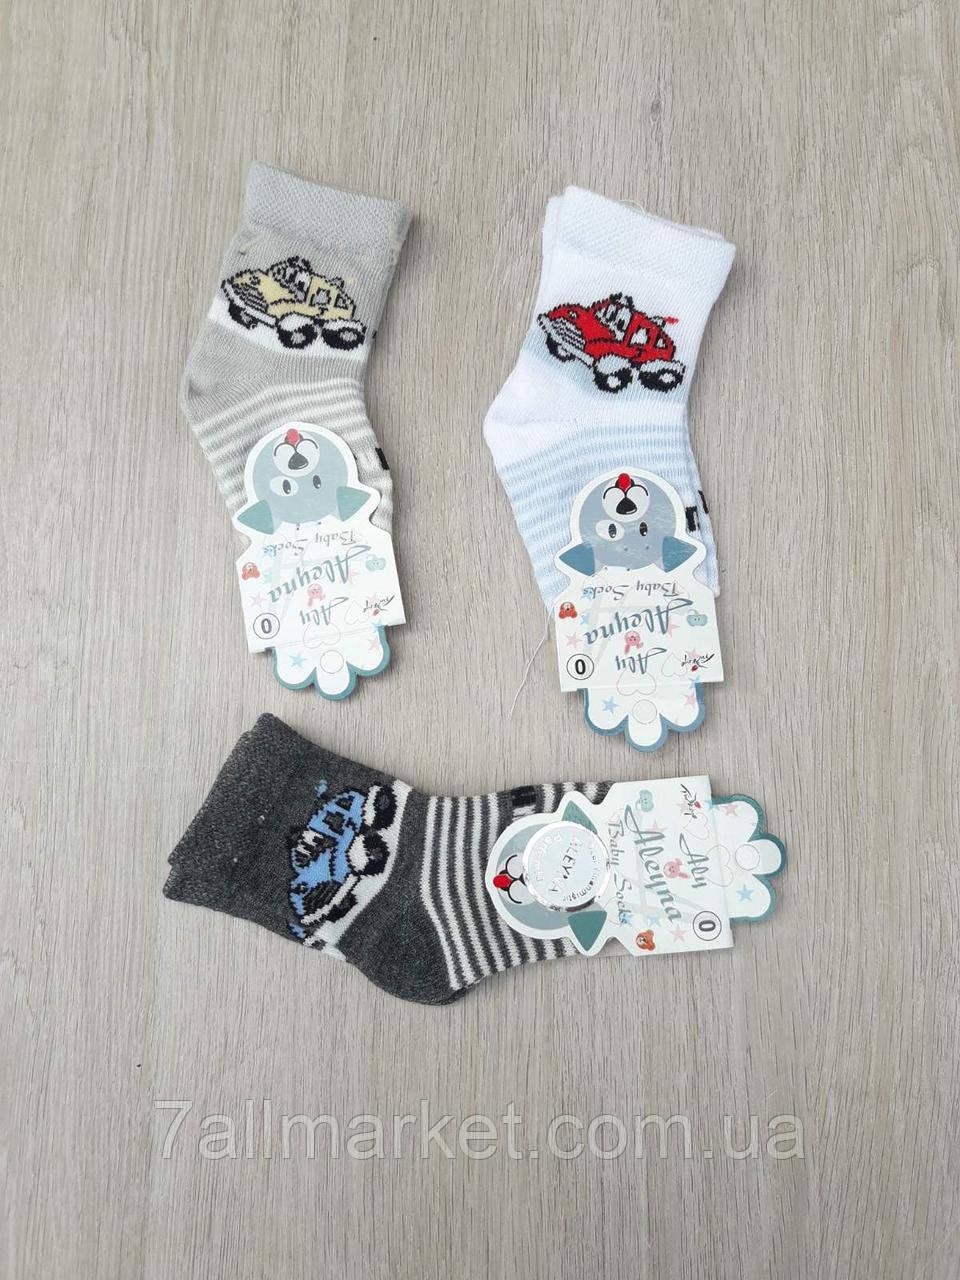 """Шкарпетки дитячі з машинками на хлопчика розмір 1 (12шт/уп) (4 цв)""""MARI"""" купити недорого від прямого постачальника"""